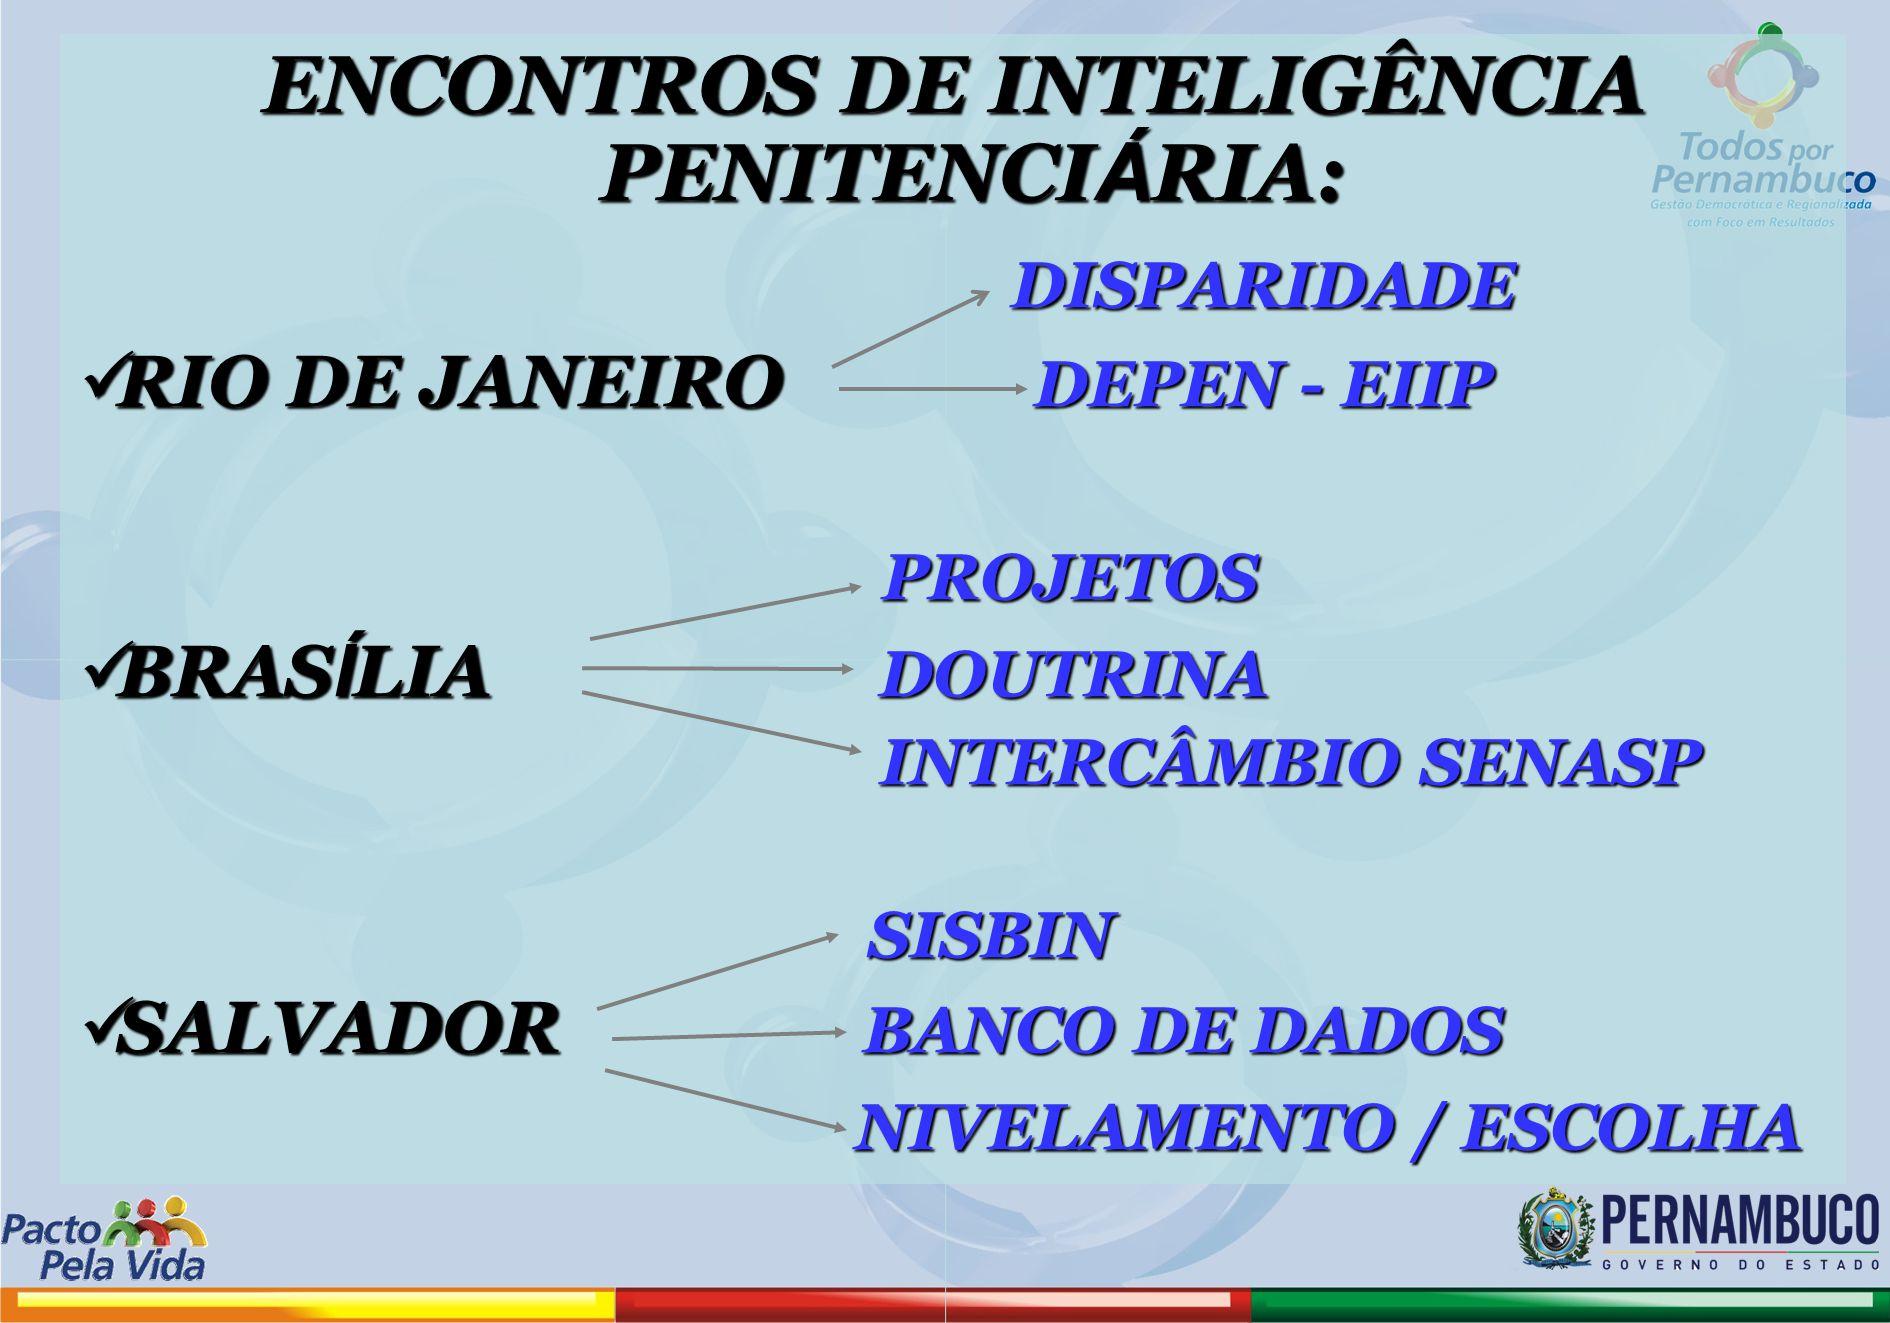 ENCONTROS DE INTELIGÊNCIA PENITENCIÁRIA: